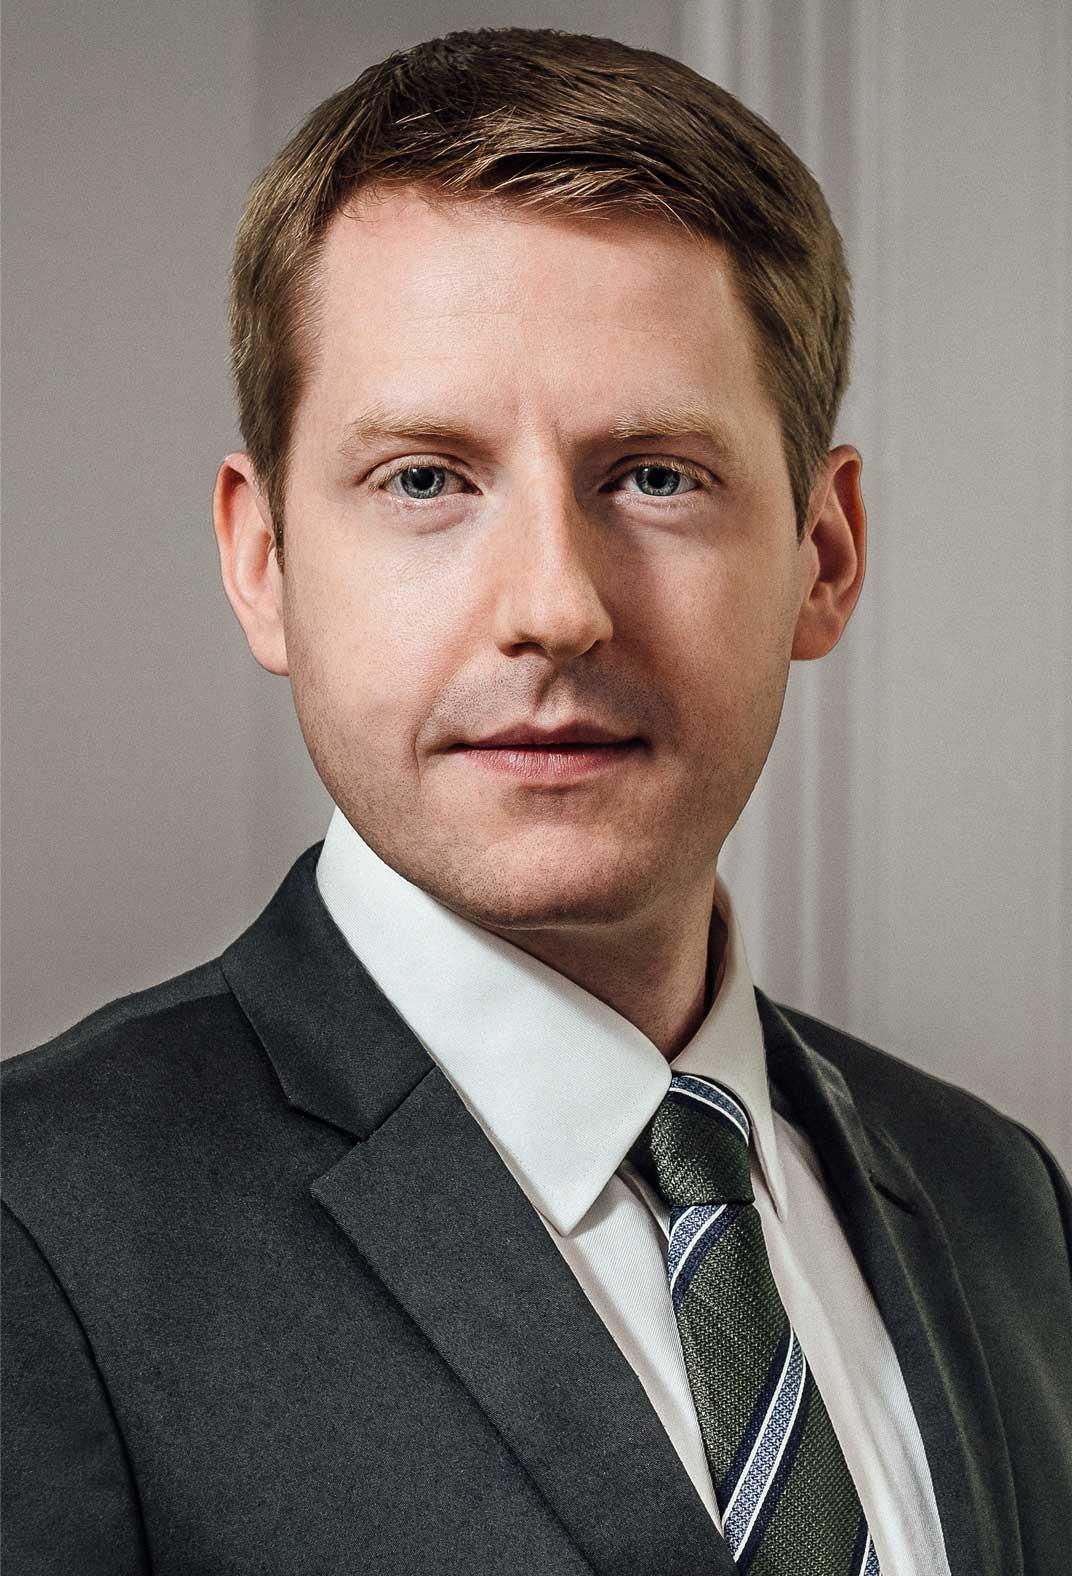 David Peter